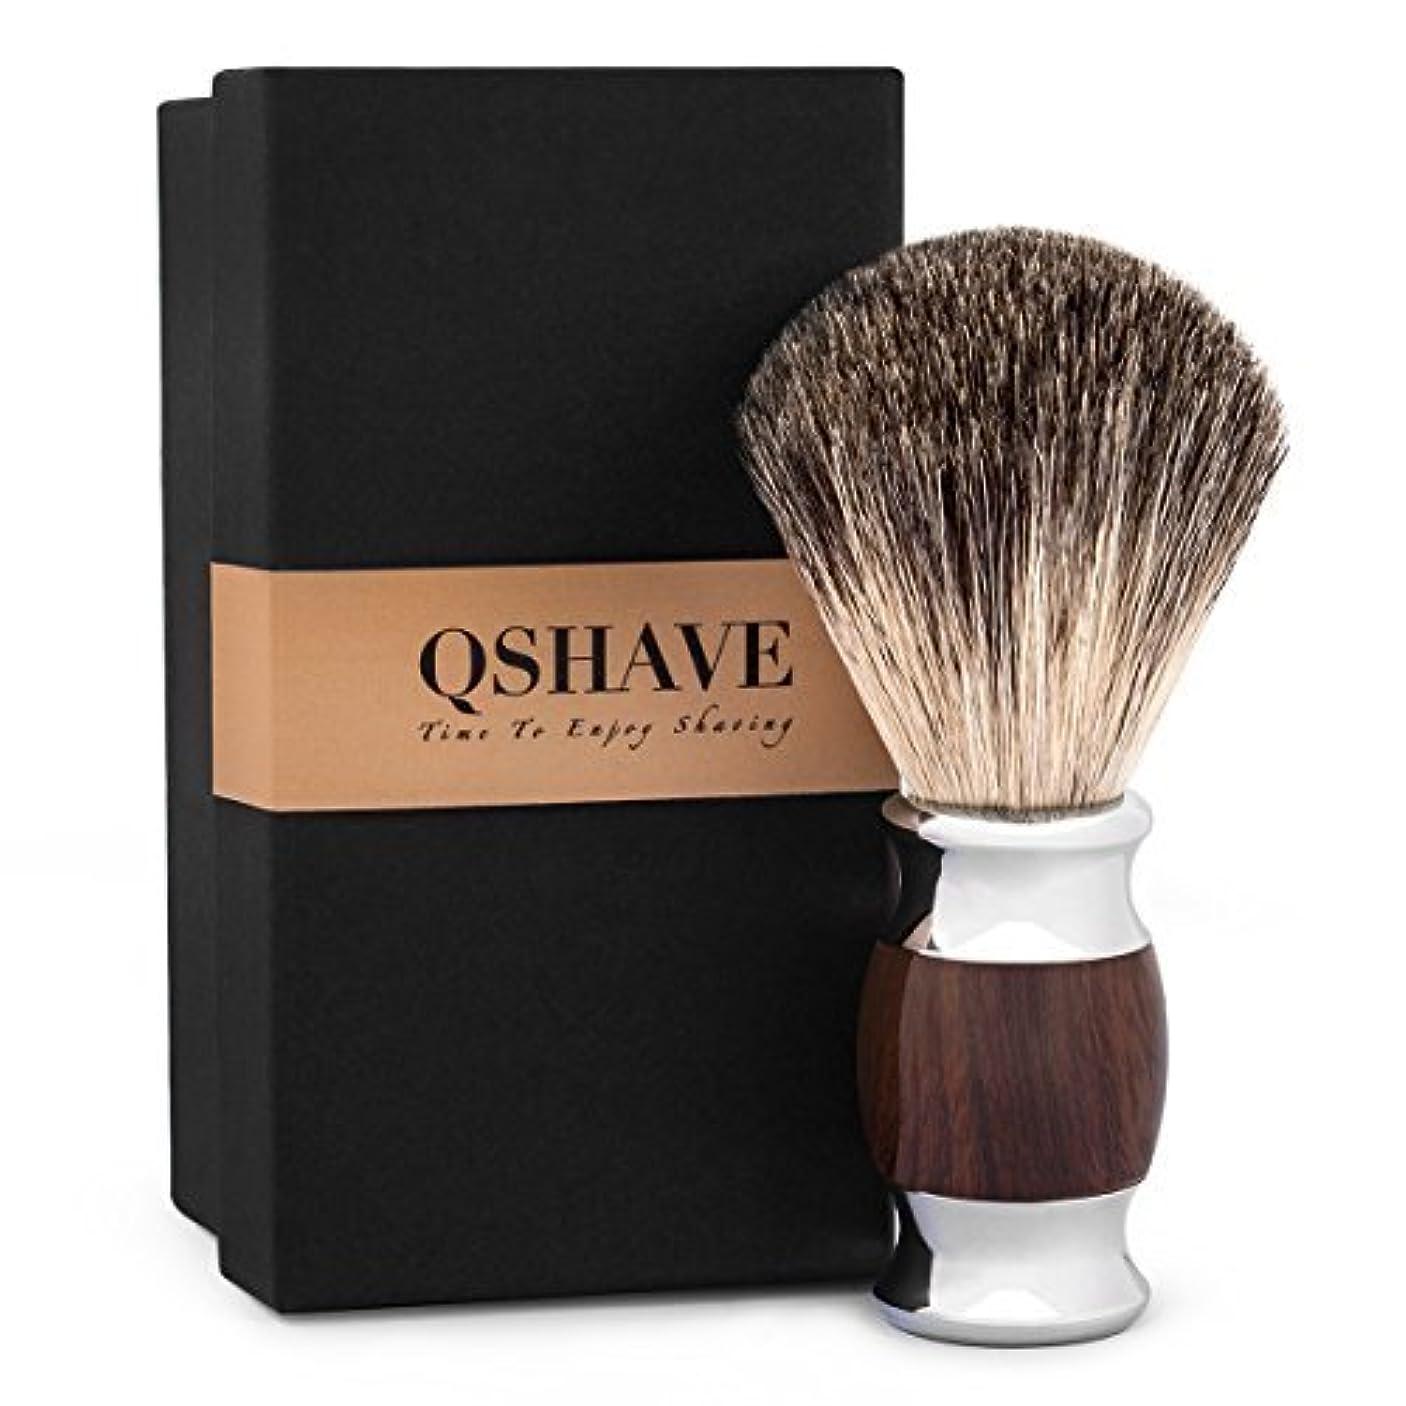 介入する伝記医師QSHAVE 100%アナグマ毛 木目調ハンドル オリジナルハンドメイドシェービングブラシ。ウェットシェービング、安全カミソリ、両刃カミソリに最適